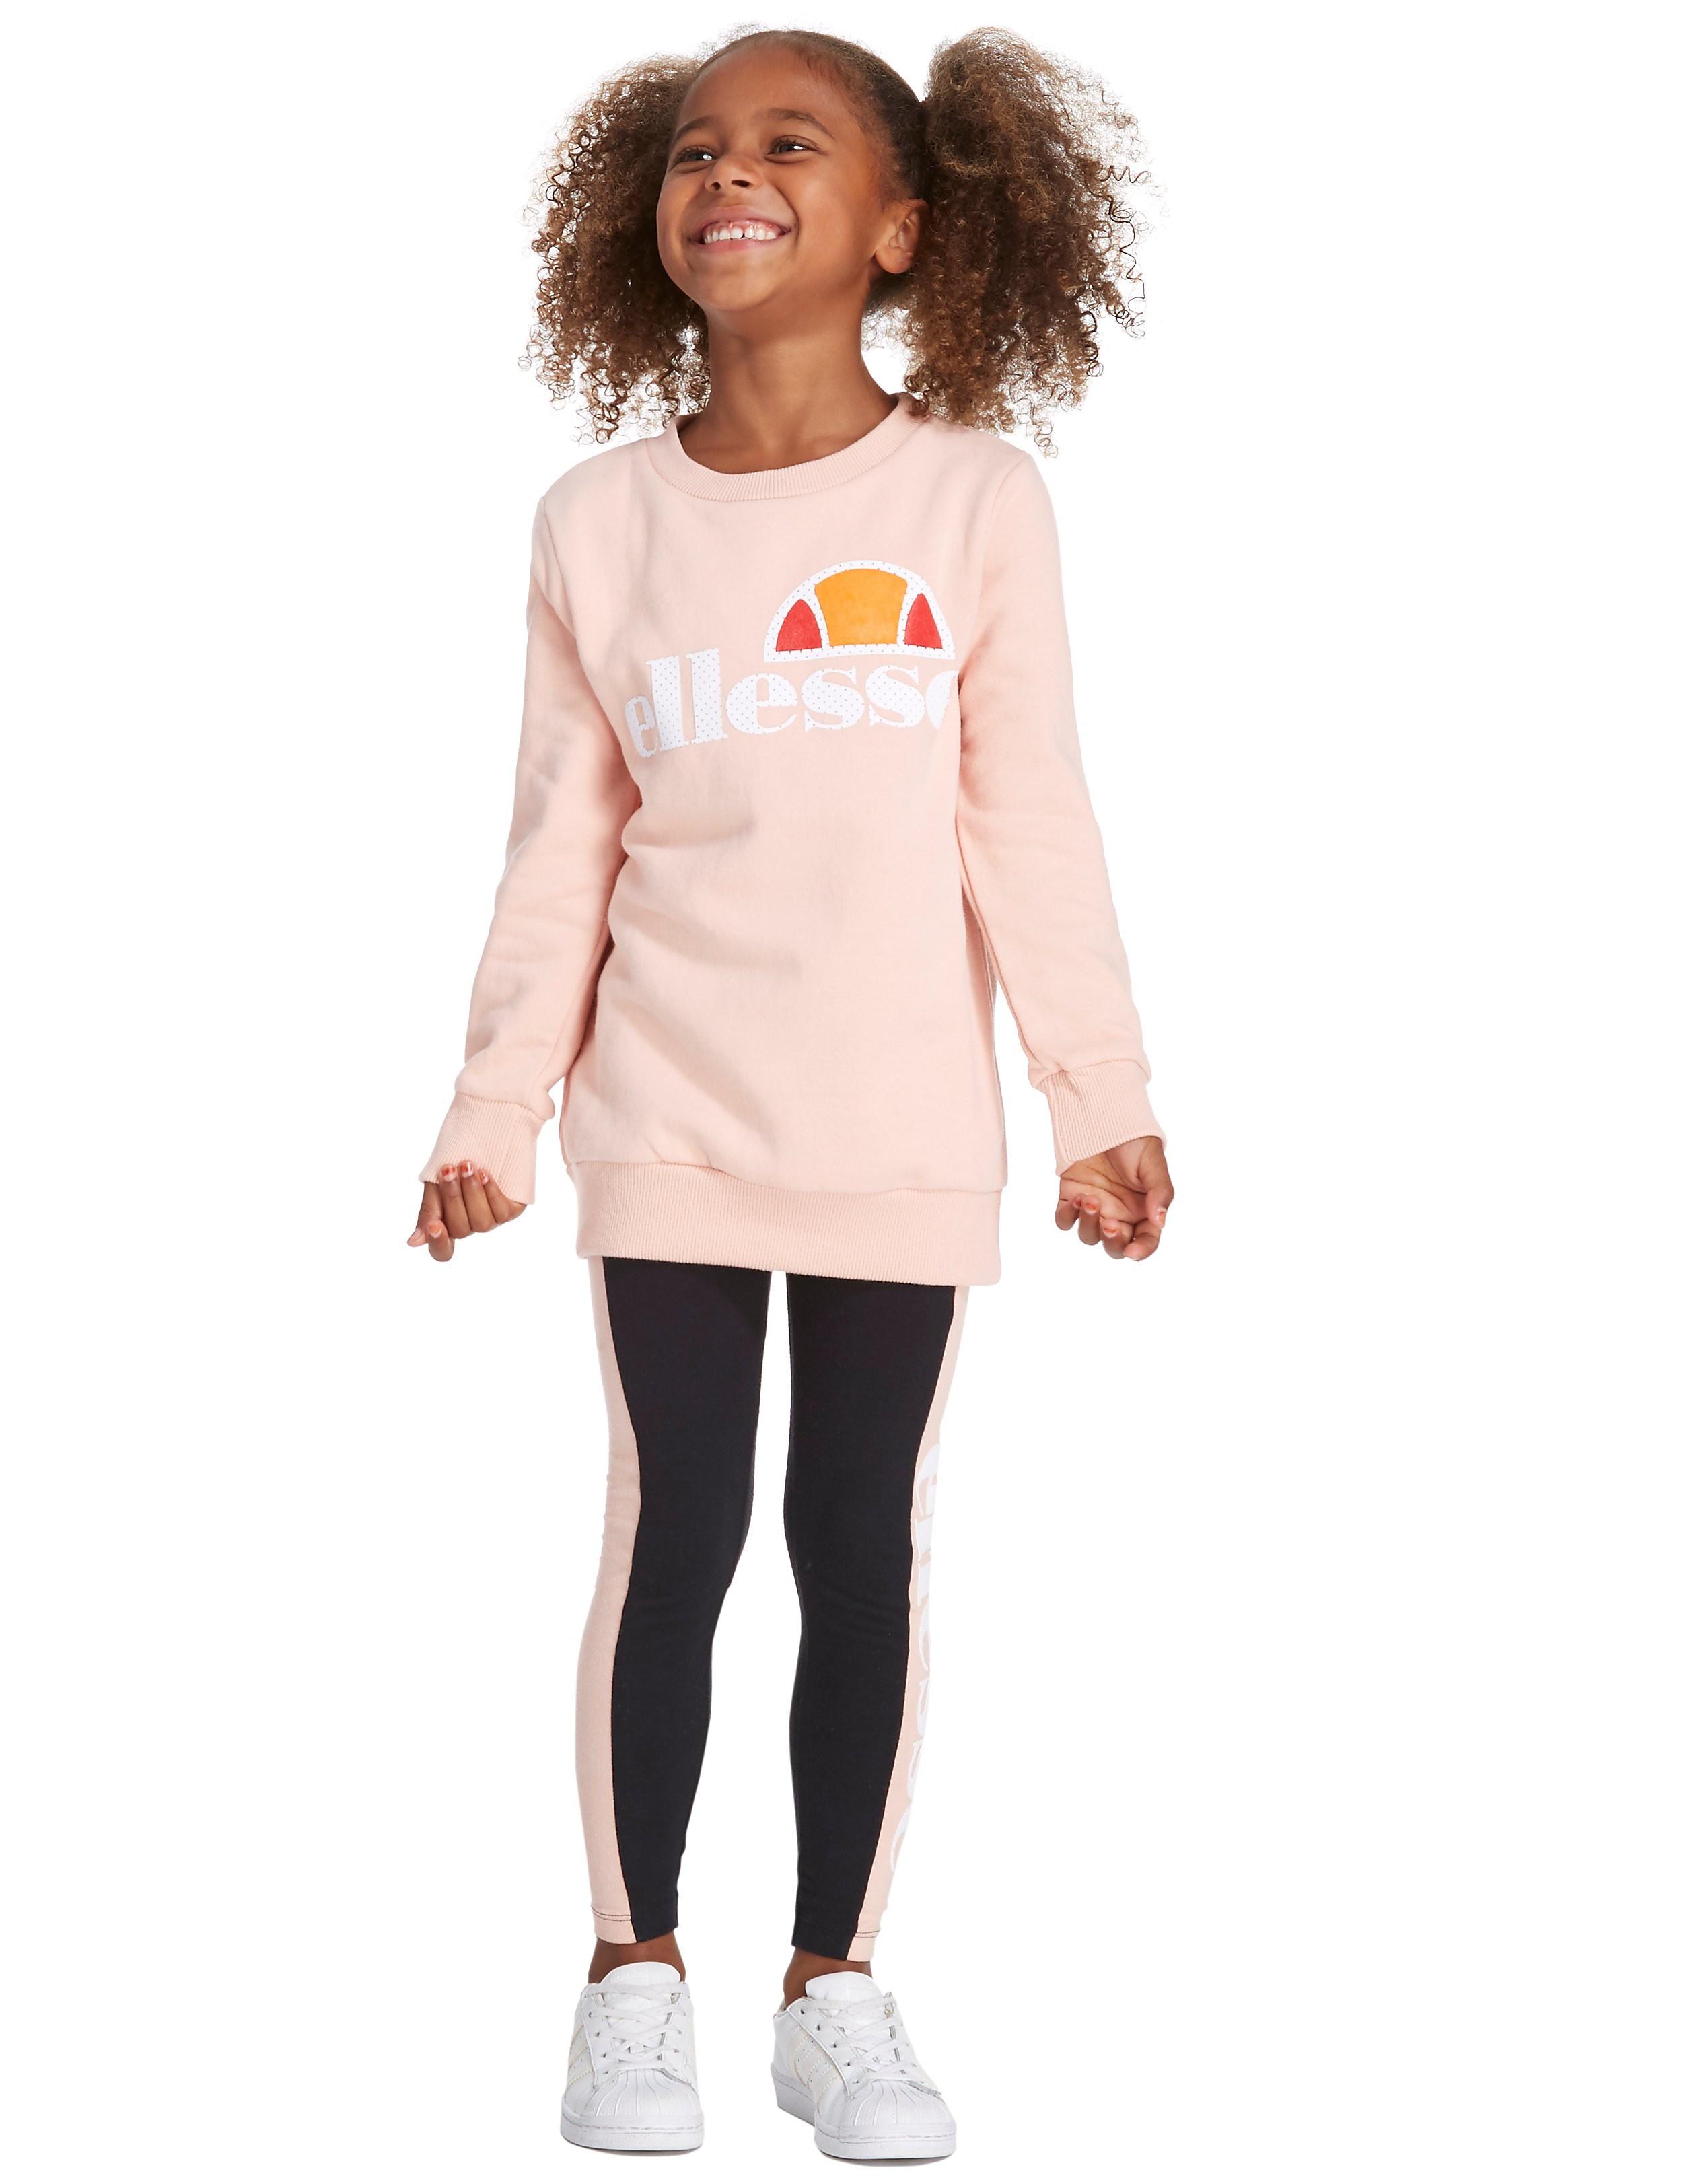 Ellesse Augina Crew Tracksuit Children's